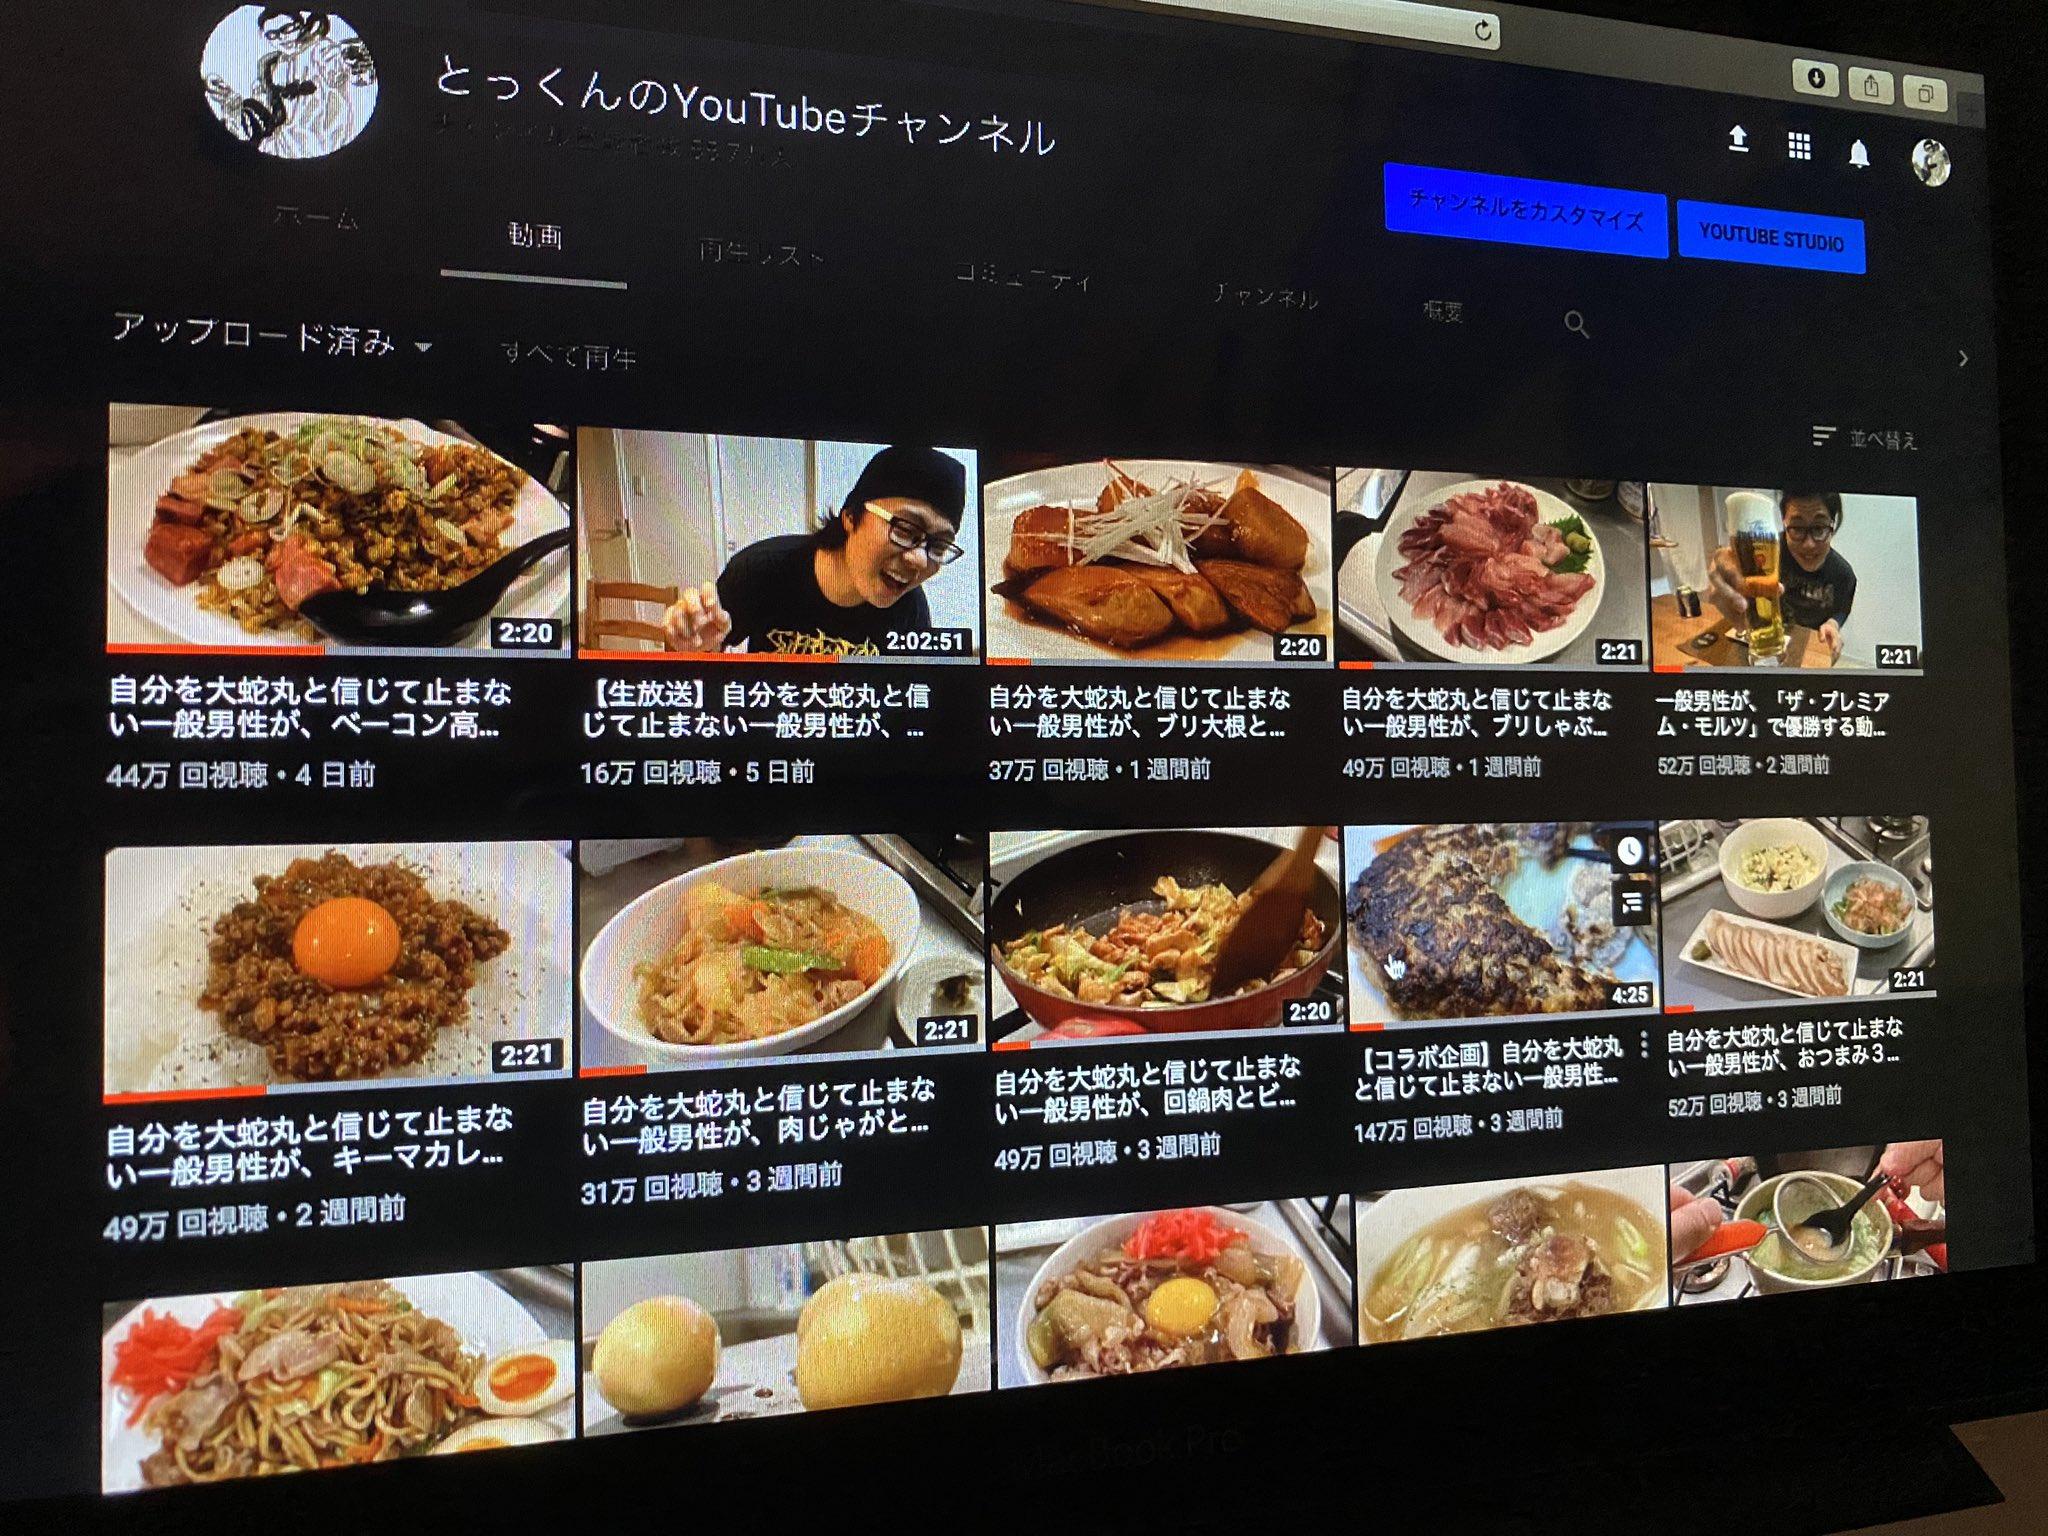 色気より食い気?圧倒的に茶色ばかりのYouTubeチャンネル!!